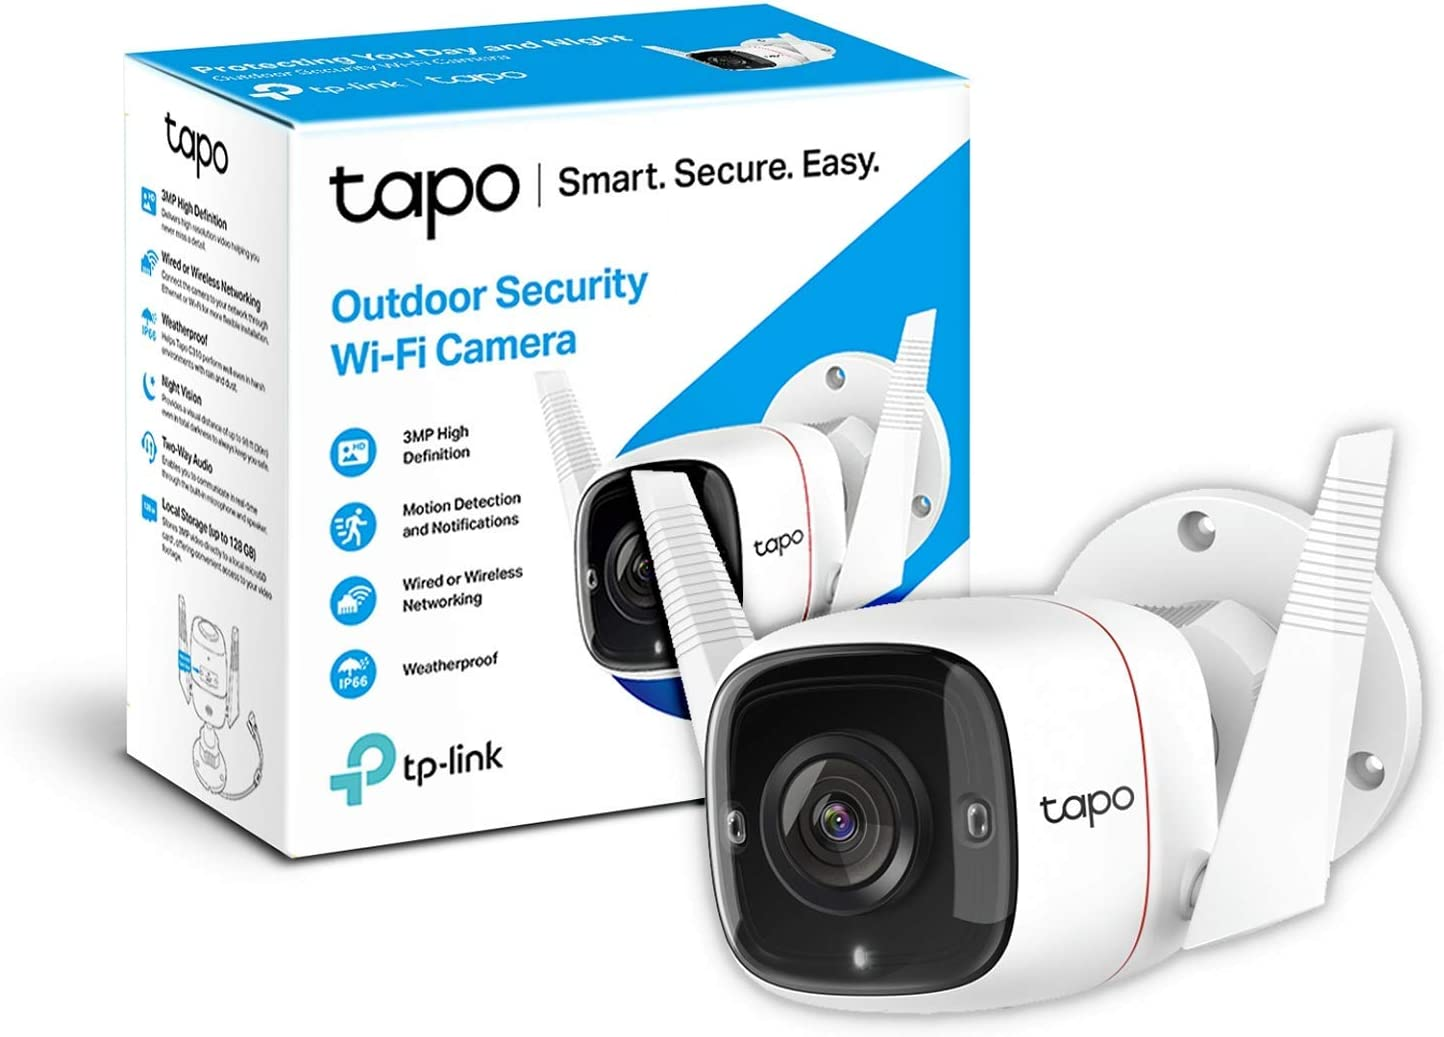 TP-Link TAPO Camara Vigilancia wifi Exterior, 3MP Alta Resolución, IP66 a Prueba de Agua y Polvo, Hasta 30m Visión Nocturna, Detección de Movimiento & Alarma Instantánea, Admite Tarjeta SD de 128G